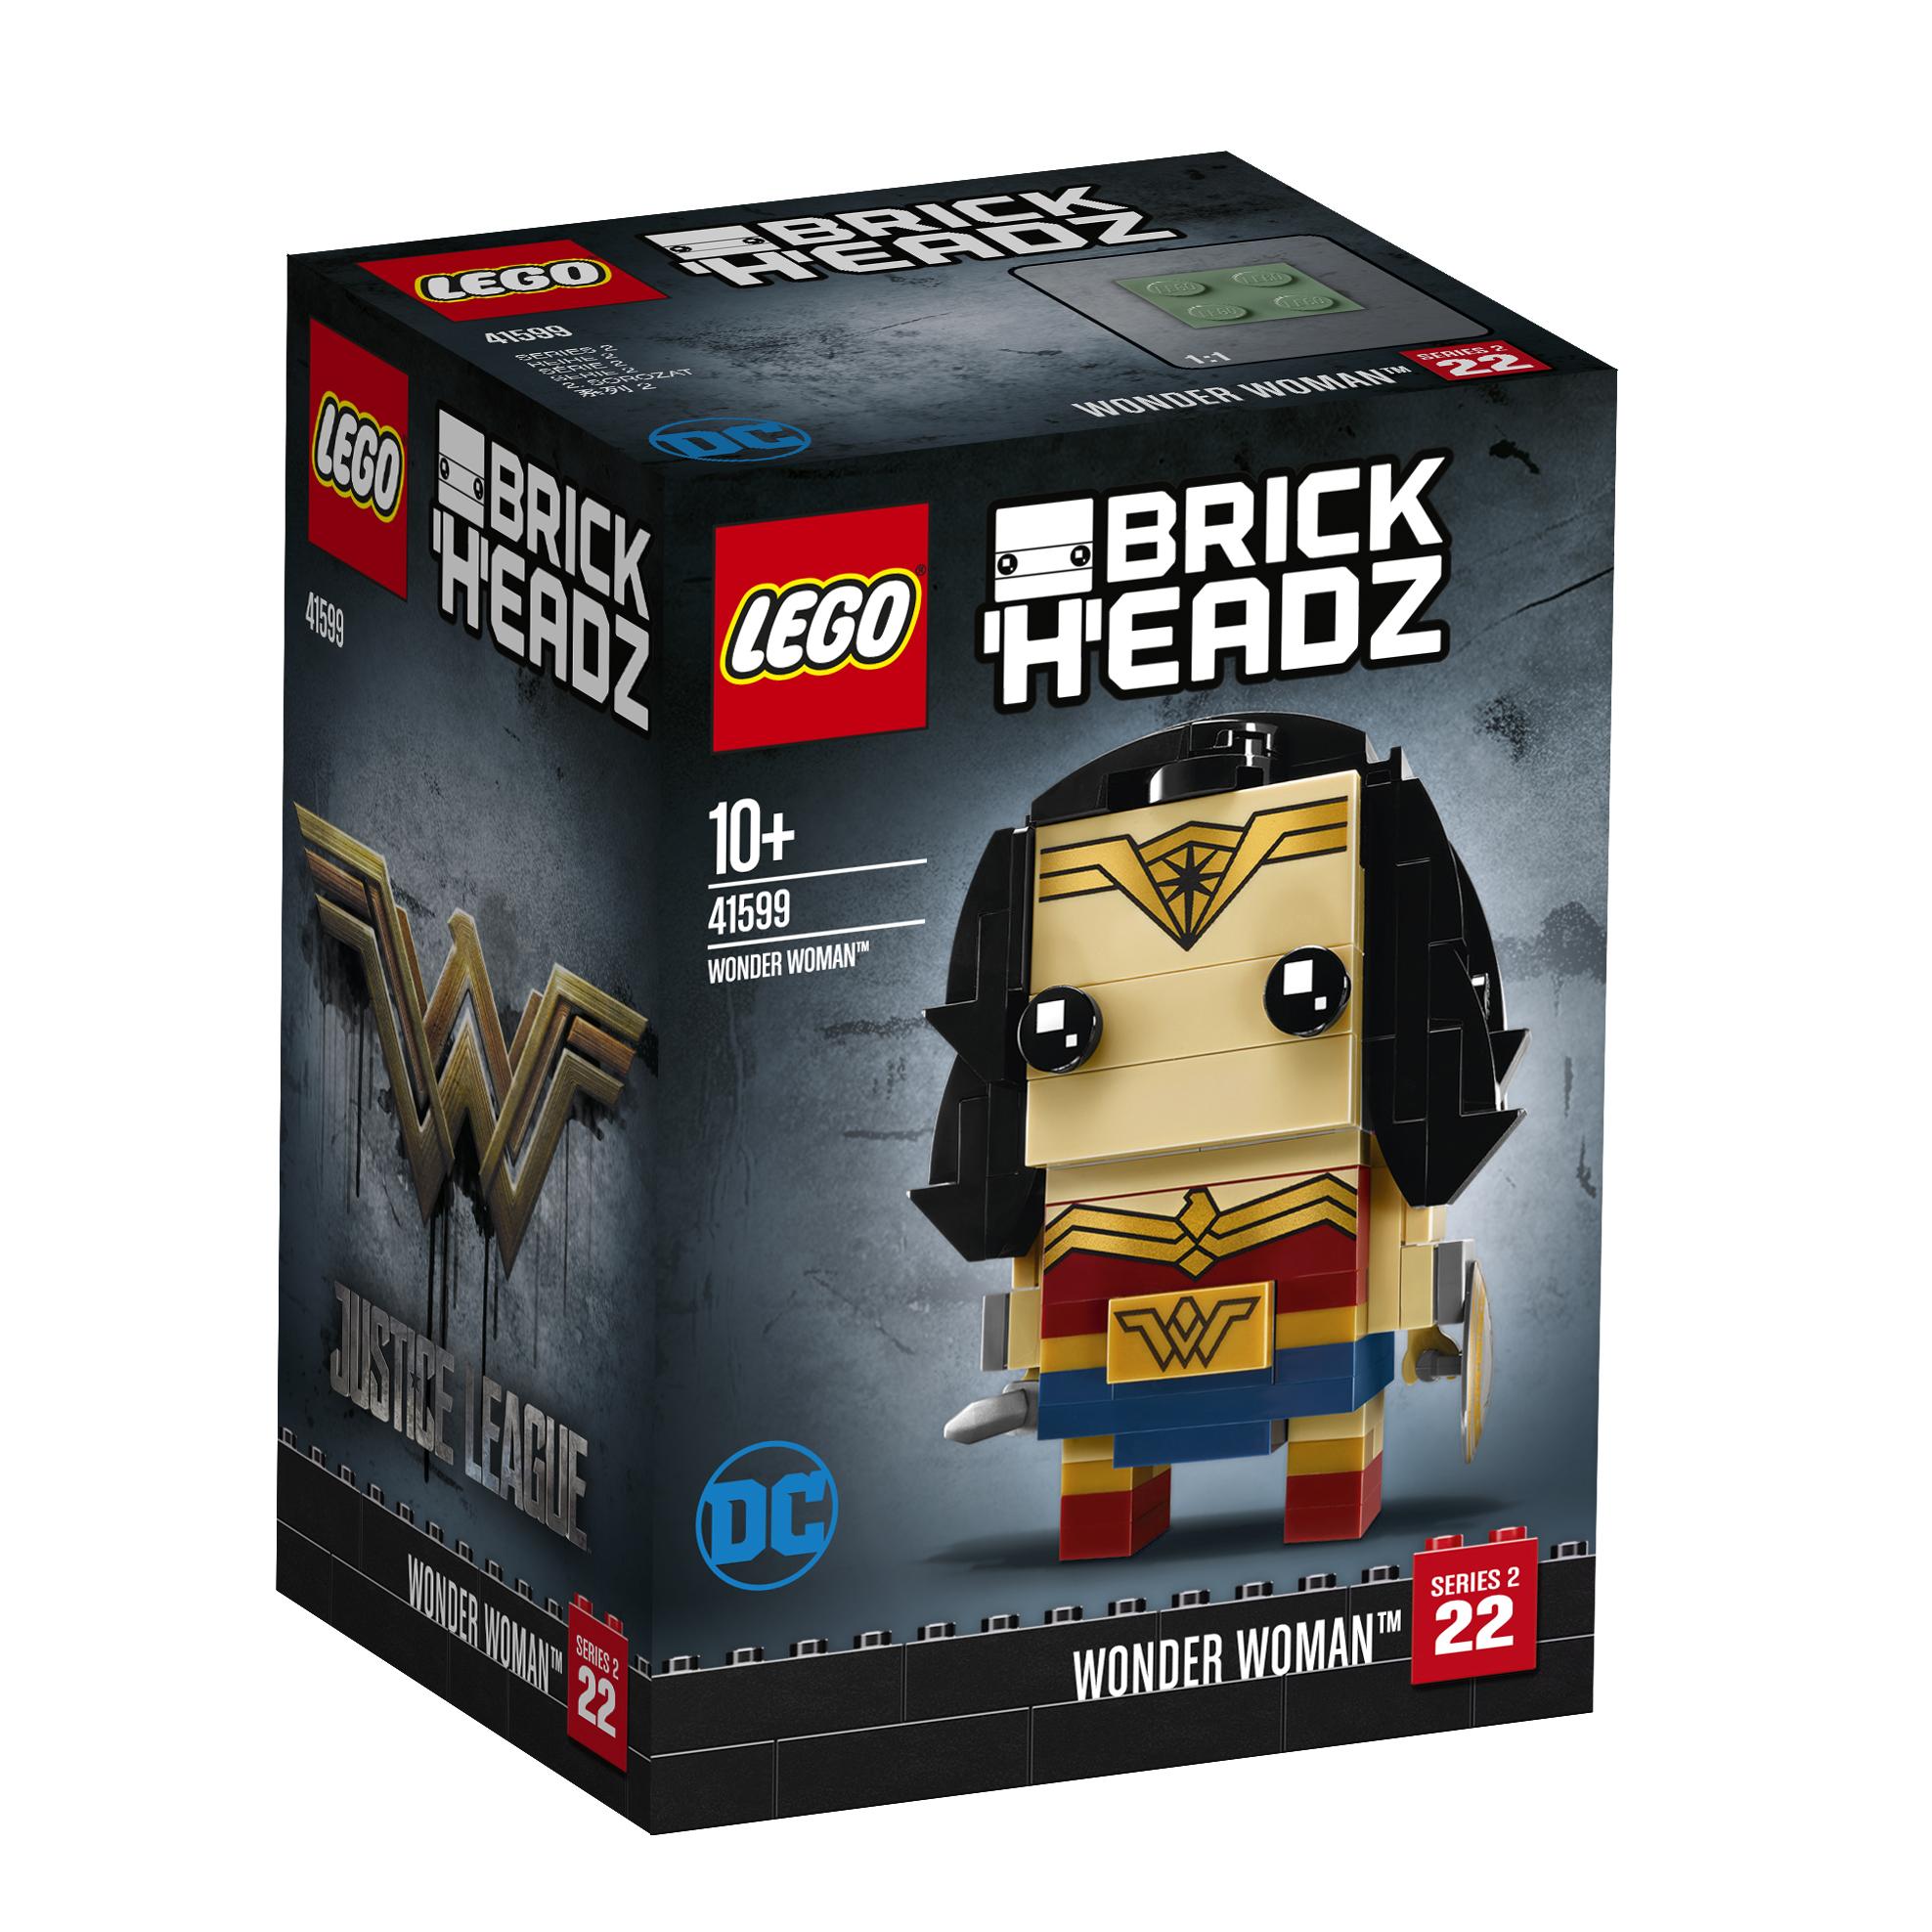 Konstruktorius LEGO BRICKHEADZ Wonder Woman™ vaikams nuo 10 metų (41599)